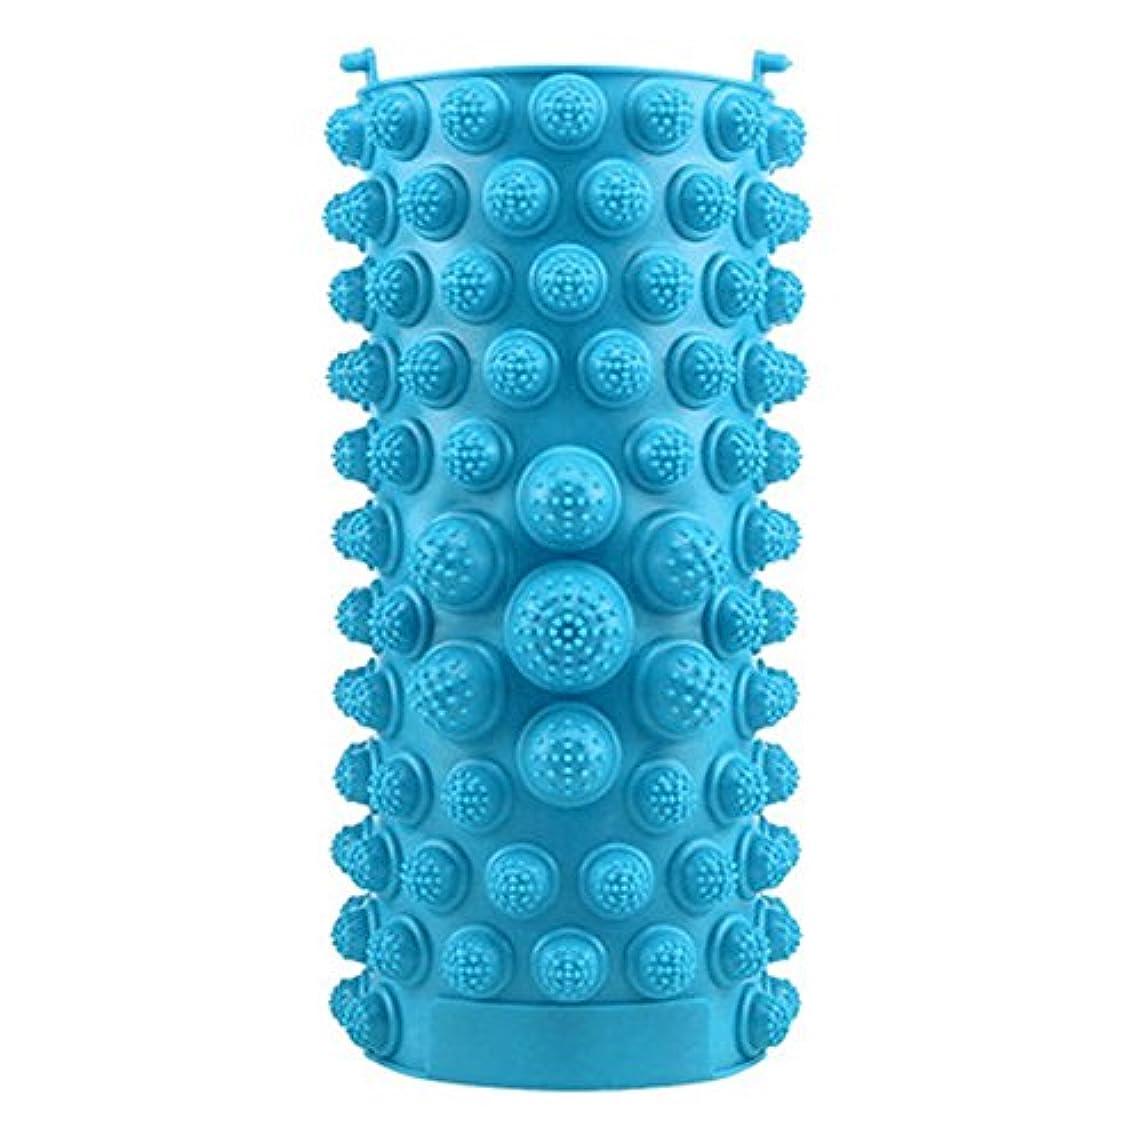 落花生明確なリムYZRCRKFad's Dayギフトマッサージクッション子供ホームマッサージクッションフットマッサージクッション鍼灸ポイントフットパッドマッサージクッション (色 : 青)